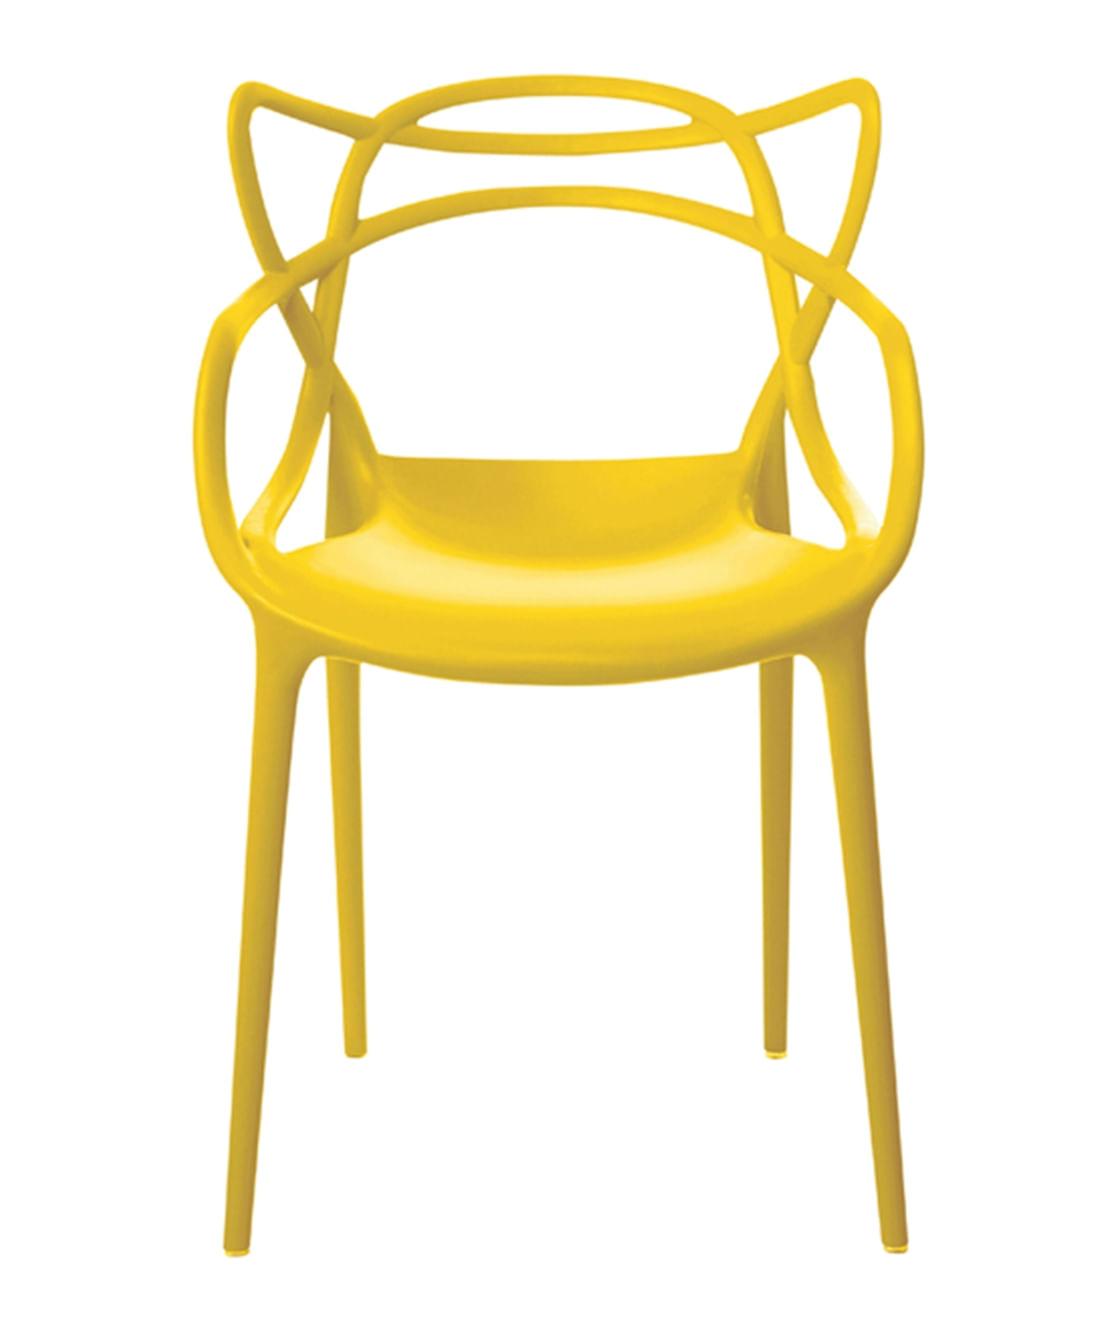 Cadeira Allegra em Polipropileno cor Amarelo - 44931